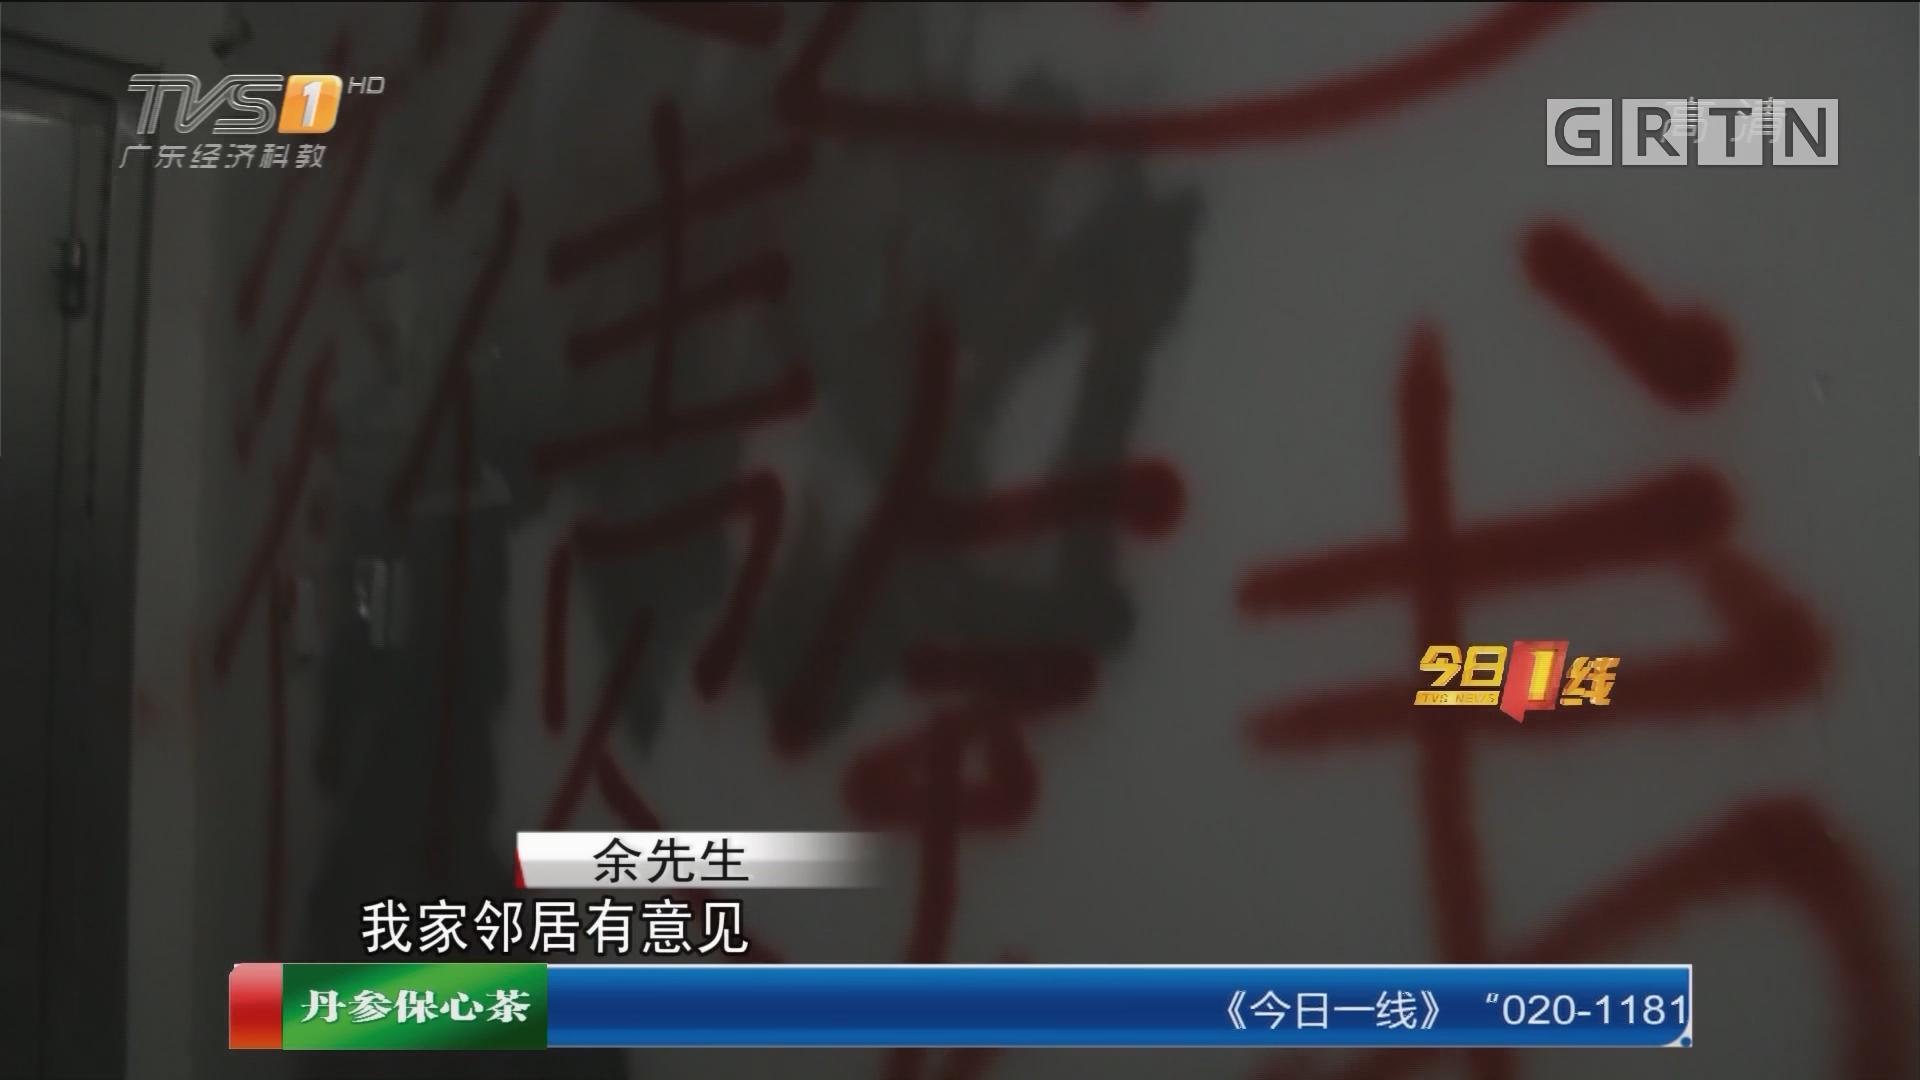 东莞:妻子嗜赌成性 丈夫频被债主骚扰